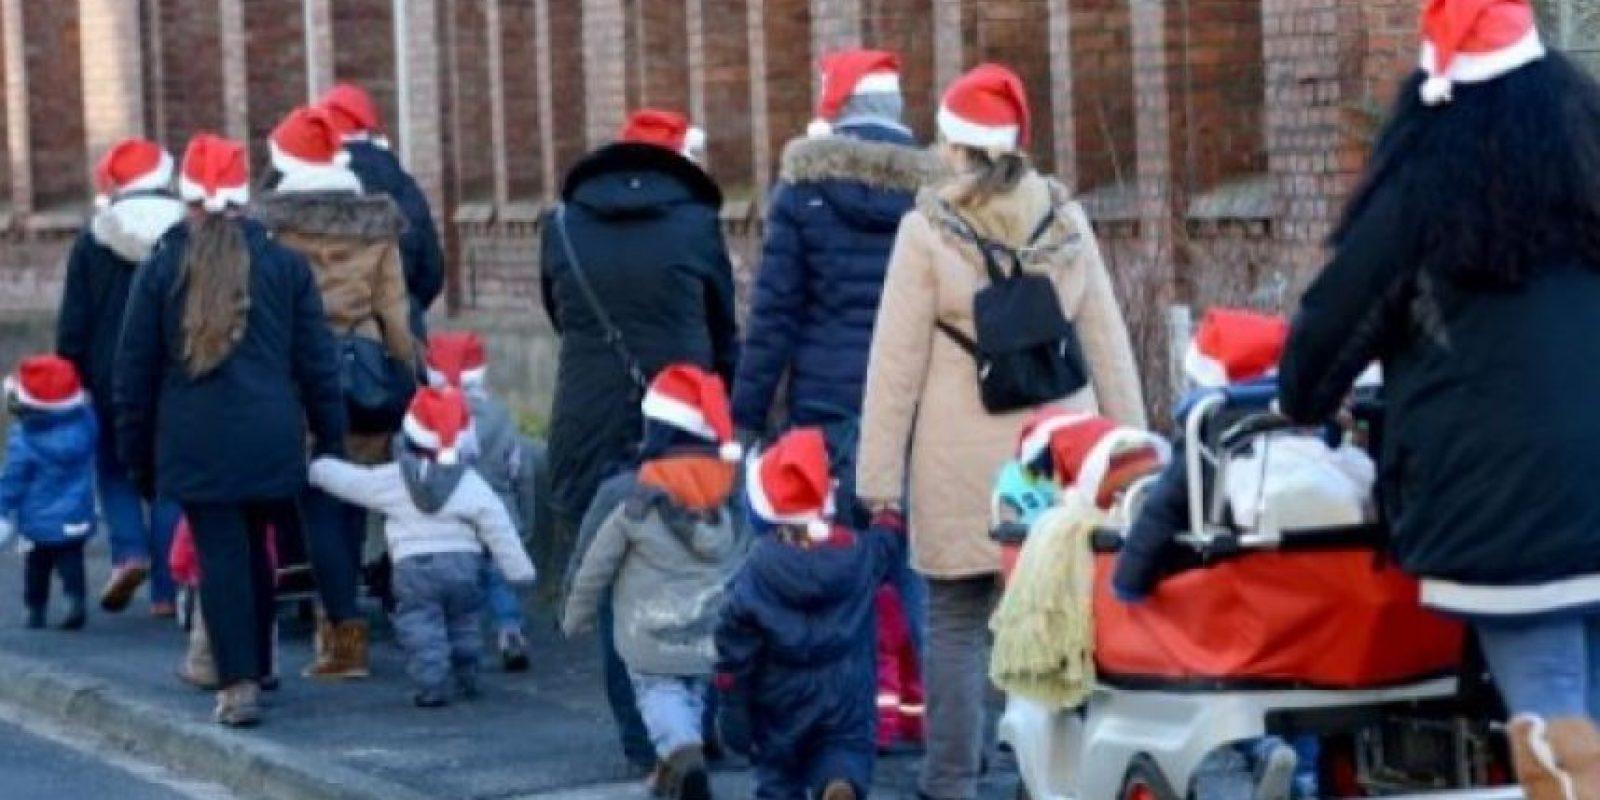 Maestros de un jardín de niños y sus estudiantes caminan en la calle de Bad Hersfeld, en Alemania central. AFP